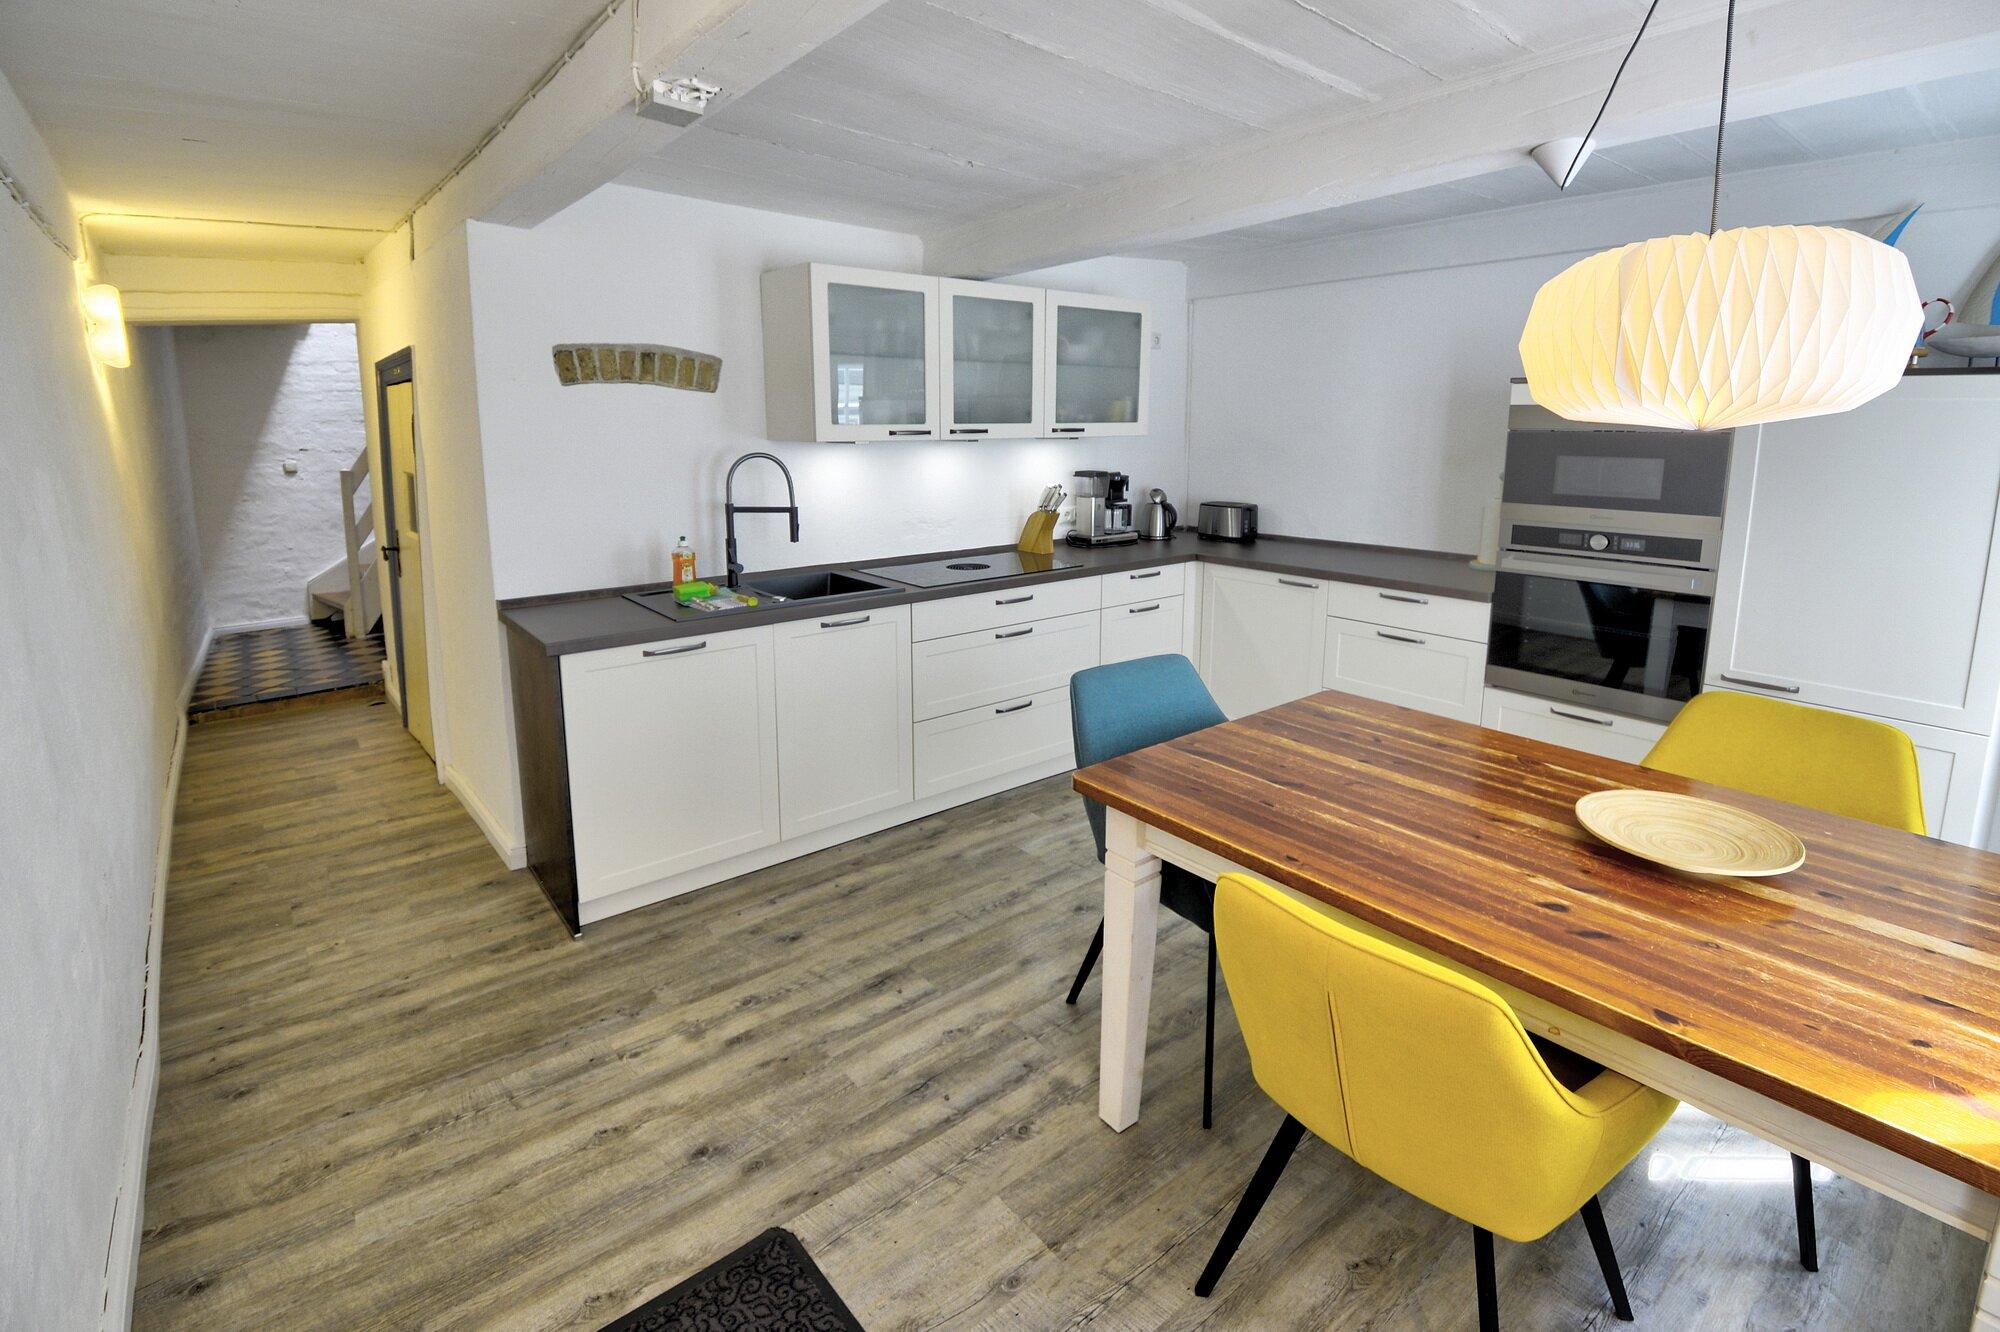 Küche mit moderner Ausstattung im EG